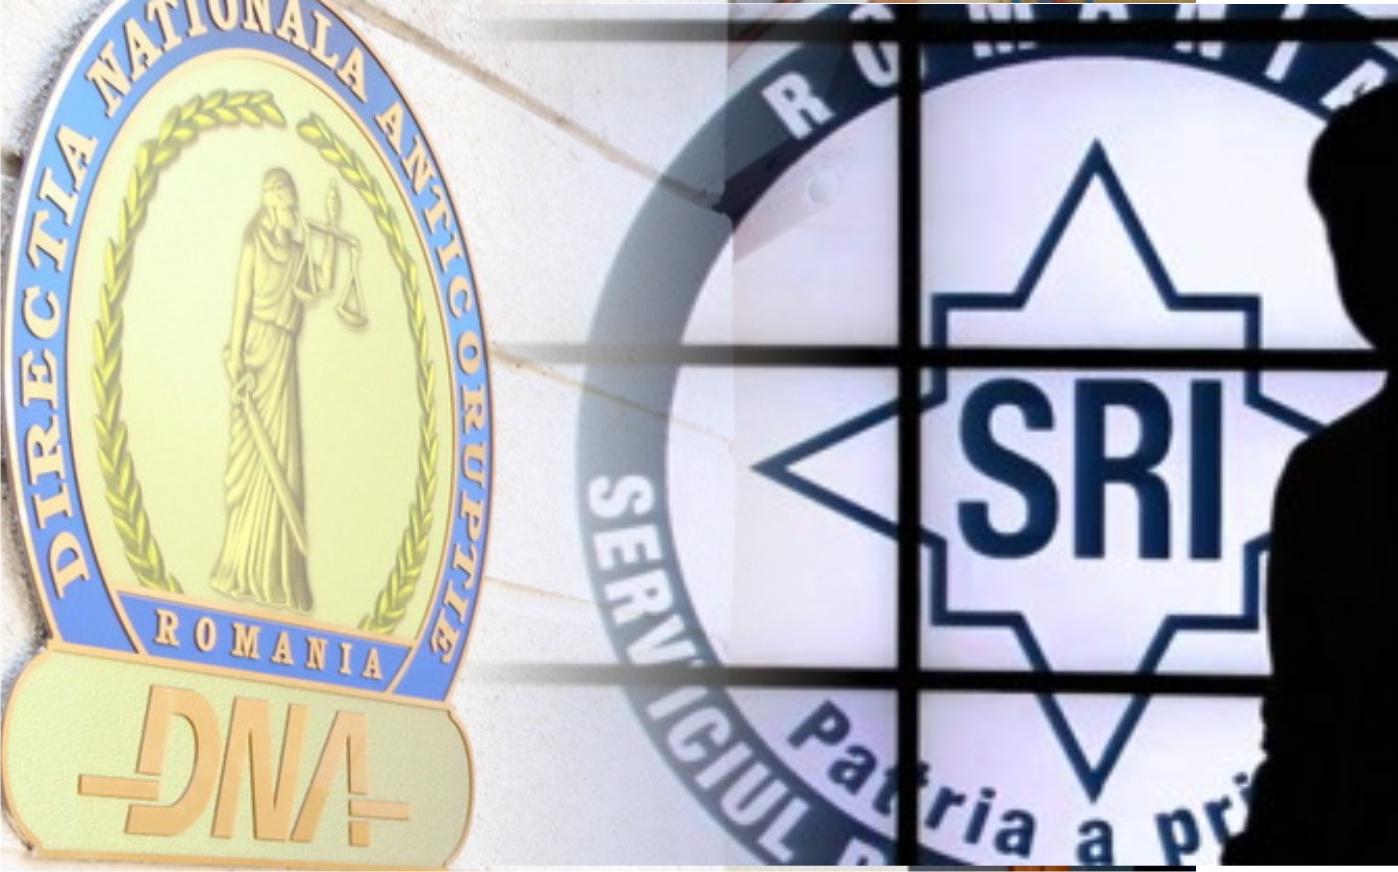 DEZVALUIRE DE MAXIMA GRAVITATE: Consiliul Suprem de Aparare a Tarii &#8220;legalizase&#8221;, sub Traian Basescu, REINFIINTAREA DE FACTO A SECURITATII SI INSTITUIREA &#8220;BINOMULUI SRI-DNA&#8221;! <i>&#8220;Justitia &#8211; camp tactic pentru servicii&#8221;</i> &#8211; prin DECIZII SECRETE ILEGALE care sfideaza chiar STATUL DE DREPT si ORDINEA CONSTITUTIONALA!/ Sebastian Ghita: KOVESI SI COLDEA SUNT OFITERI AI UNUI SERVICIU SECRET STRAIN/ Dezvaluirile transfugului Ghita si SERVITUTEA VOLUNTARA